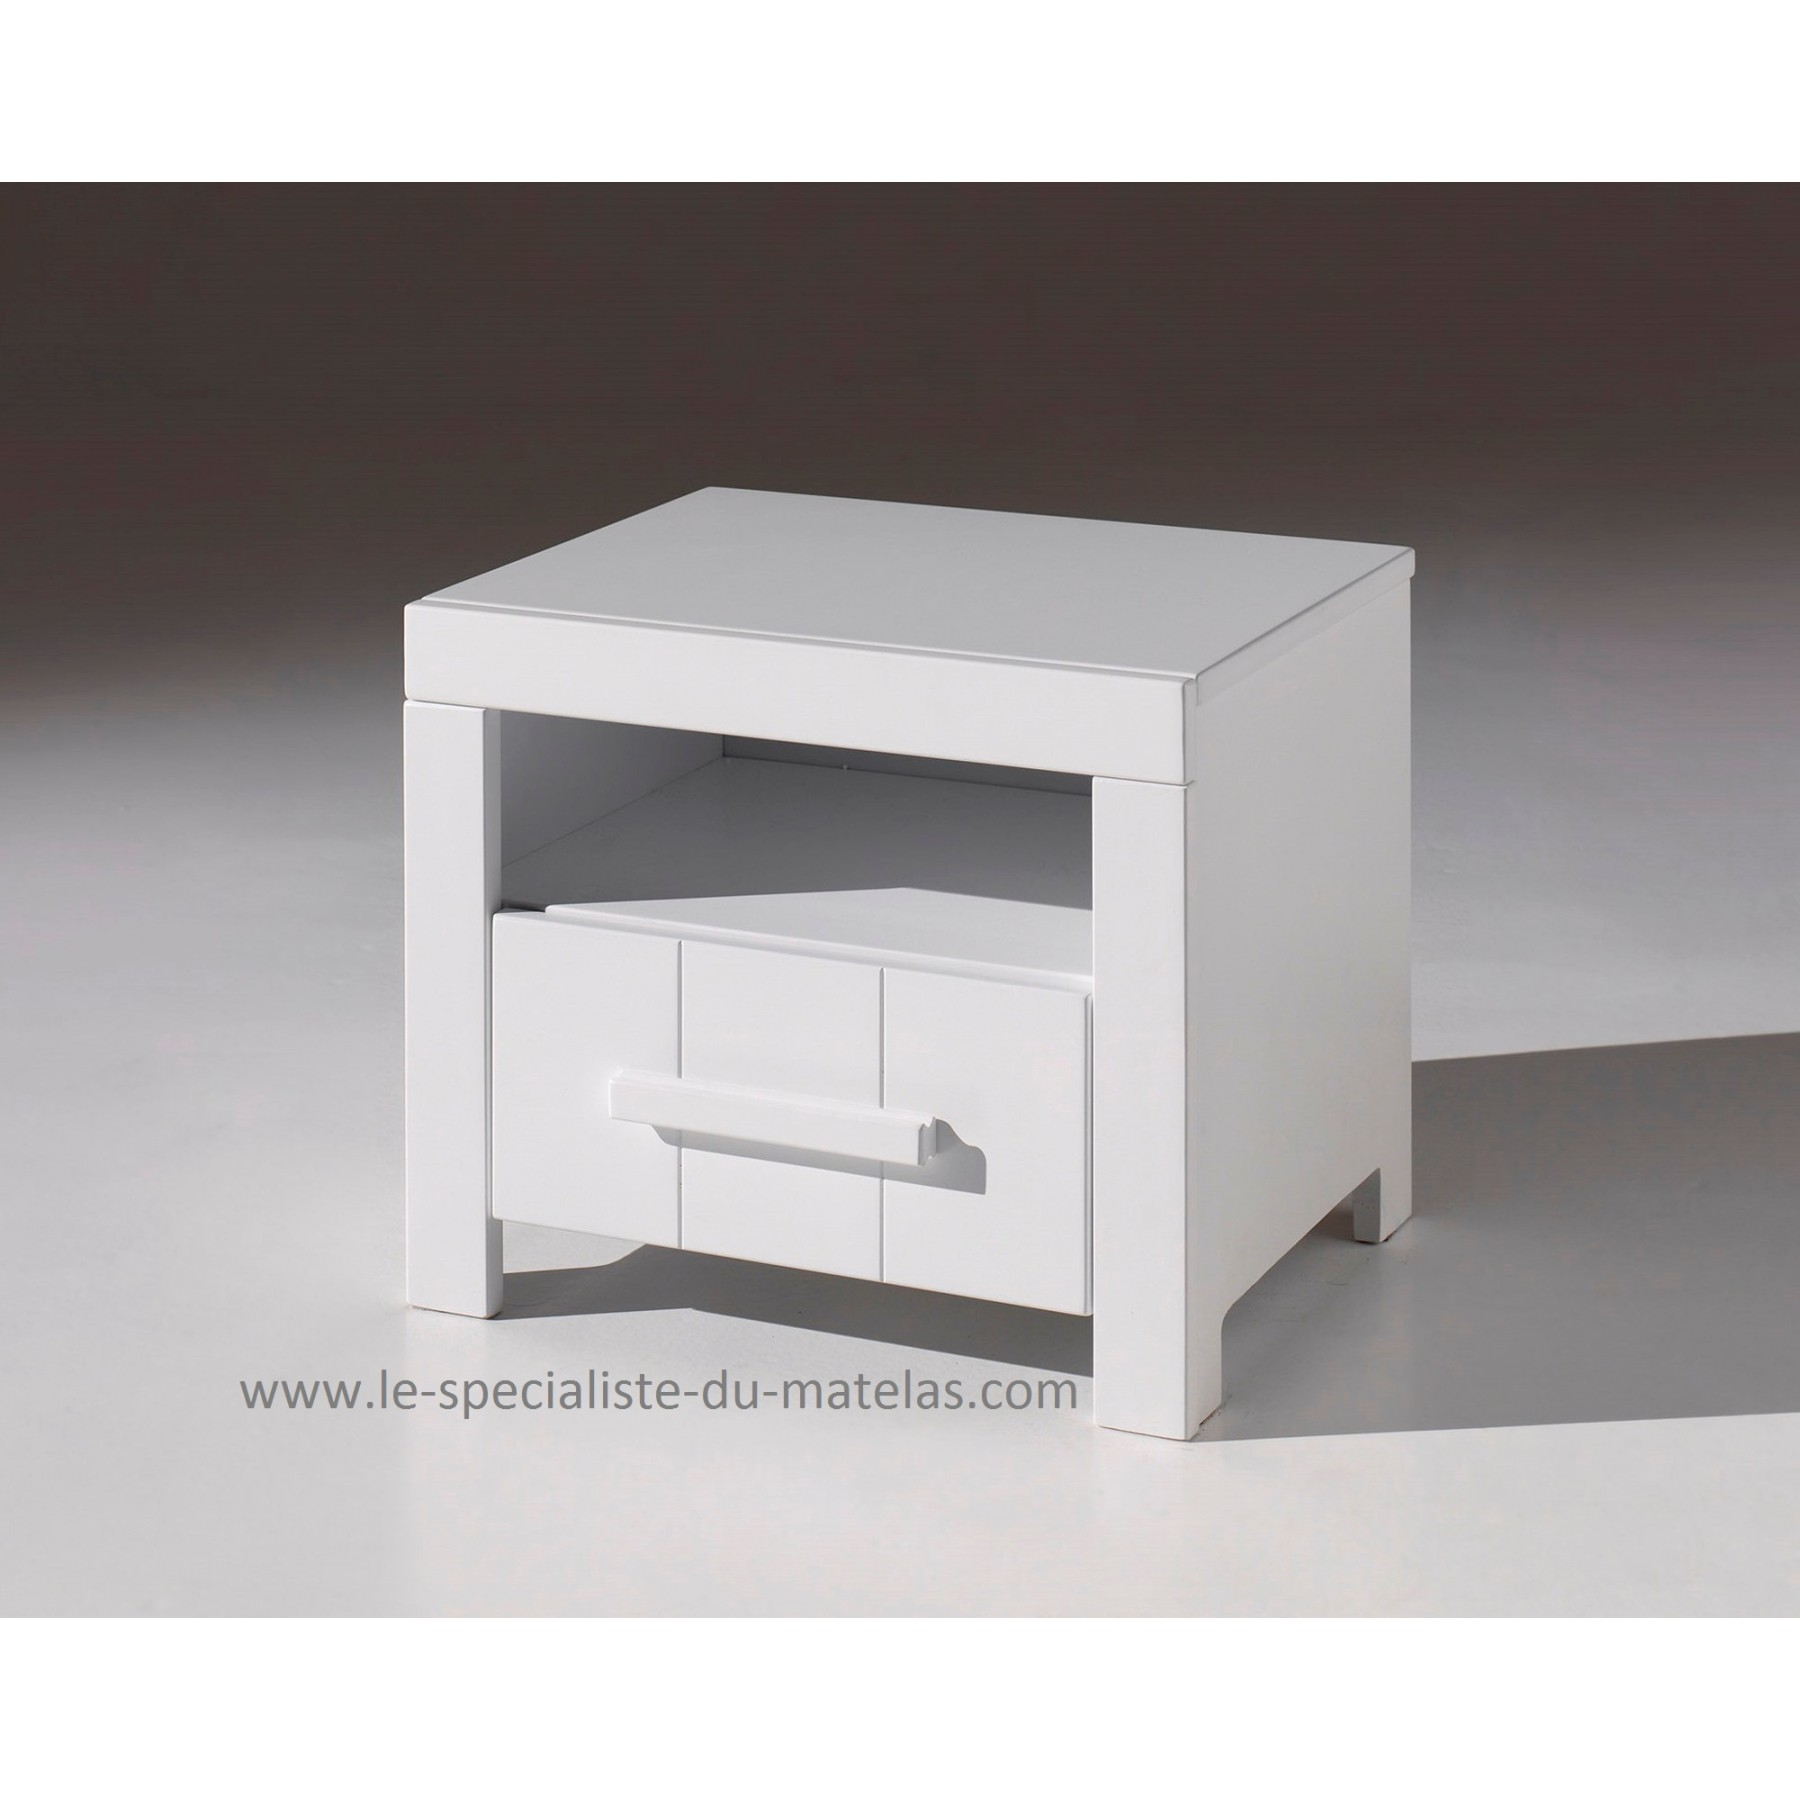 lit enfant blanc laqu le sp cialiste du matelas. Black Bedroom Furniture Sets. Home Design Ideas